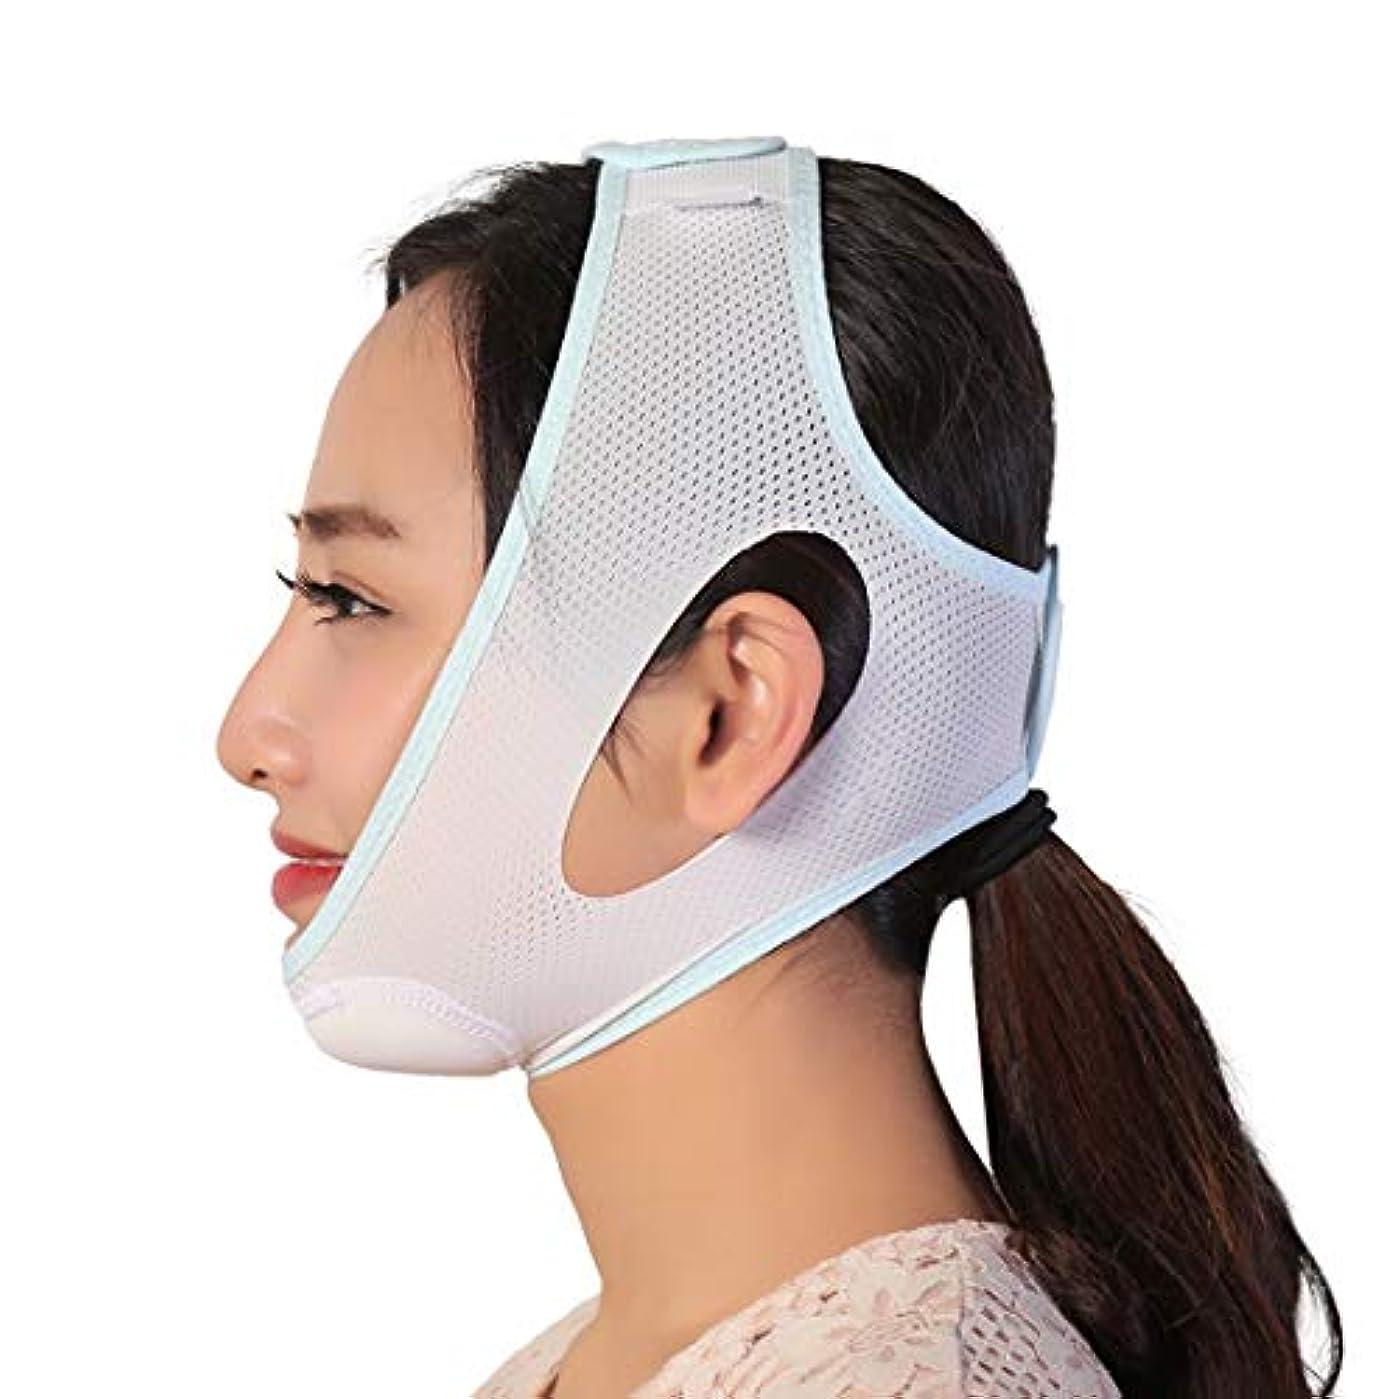 追放ランタン通行料金ZWBD フェイスマスク, 顔を持ち上げる包帯マスク包帯小v顔整形マスクフェイスリフトステッカーに法線二重あご線術後矯正ベルト (Size : L)